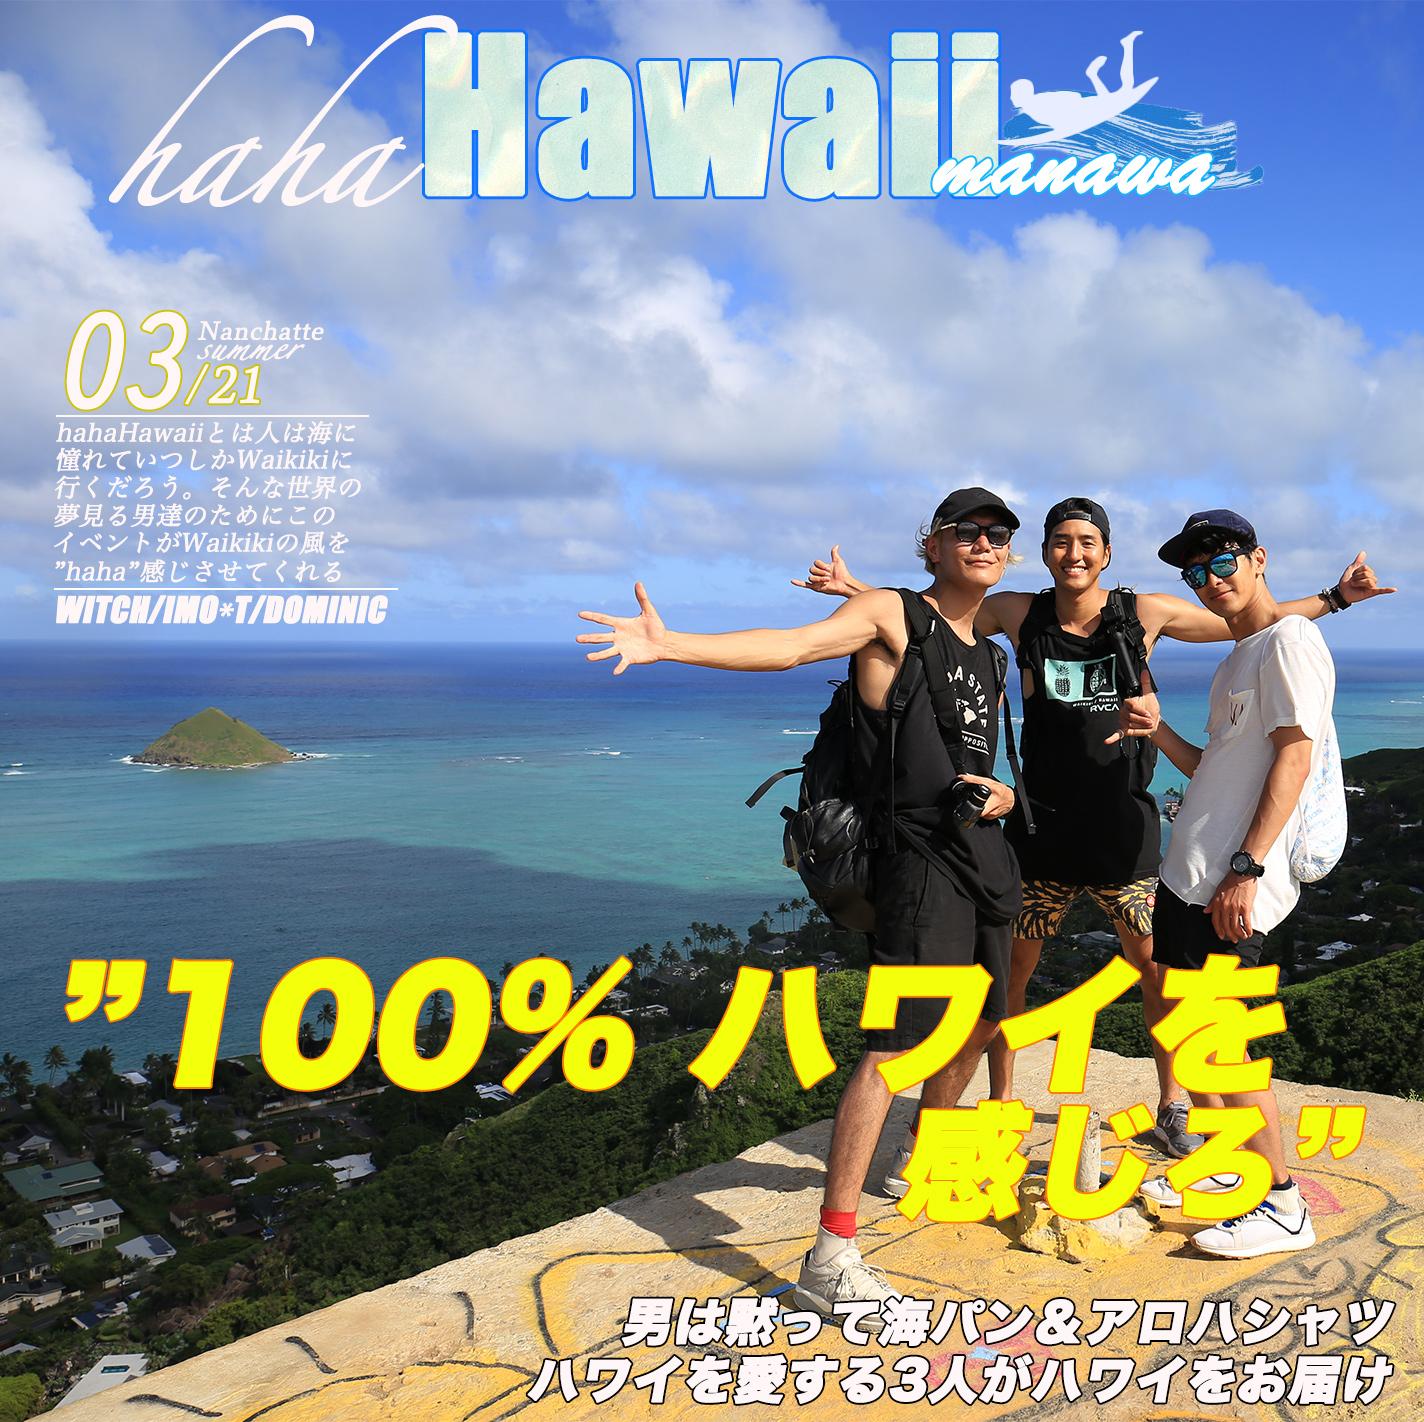 時間 ハワイ 【ハワイと日本の時差】早見表&計算法・時差ボケ予防のコツは?